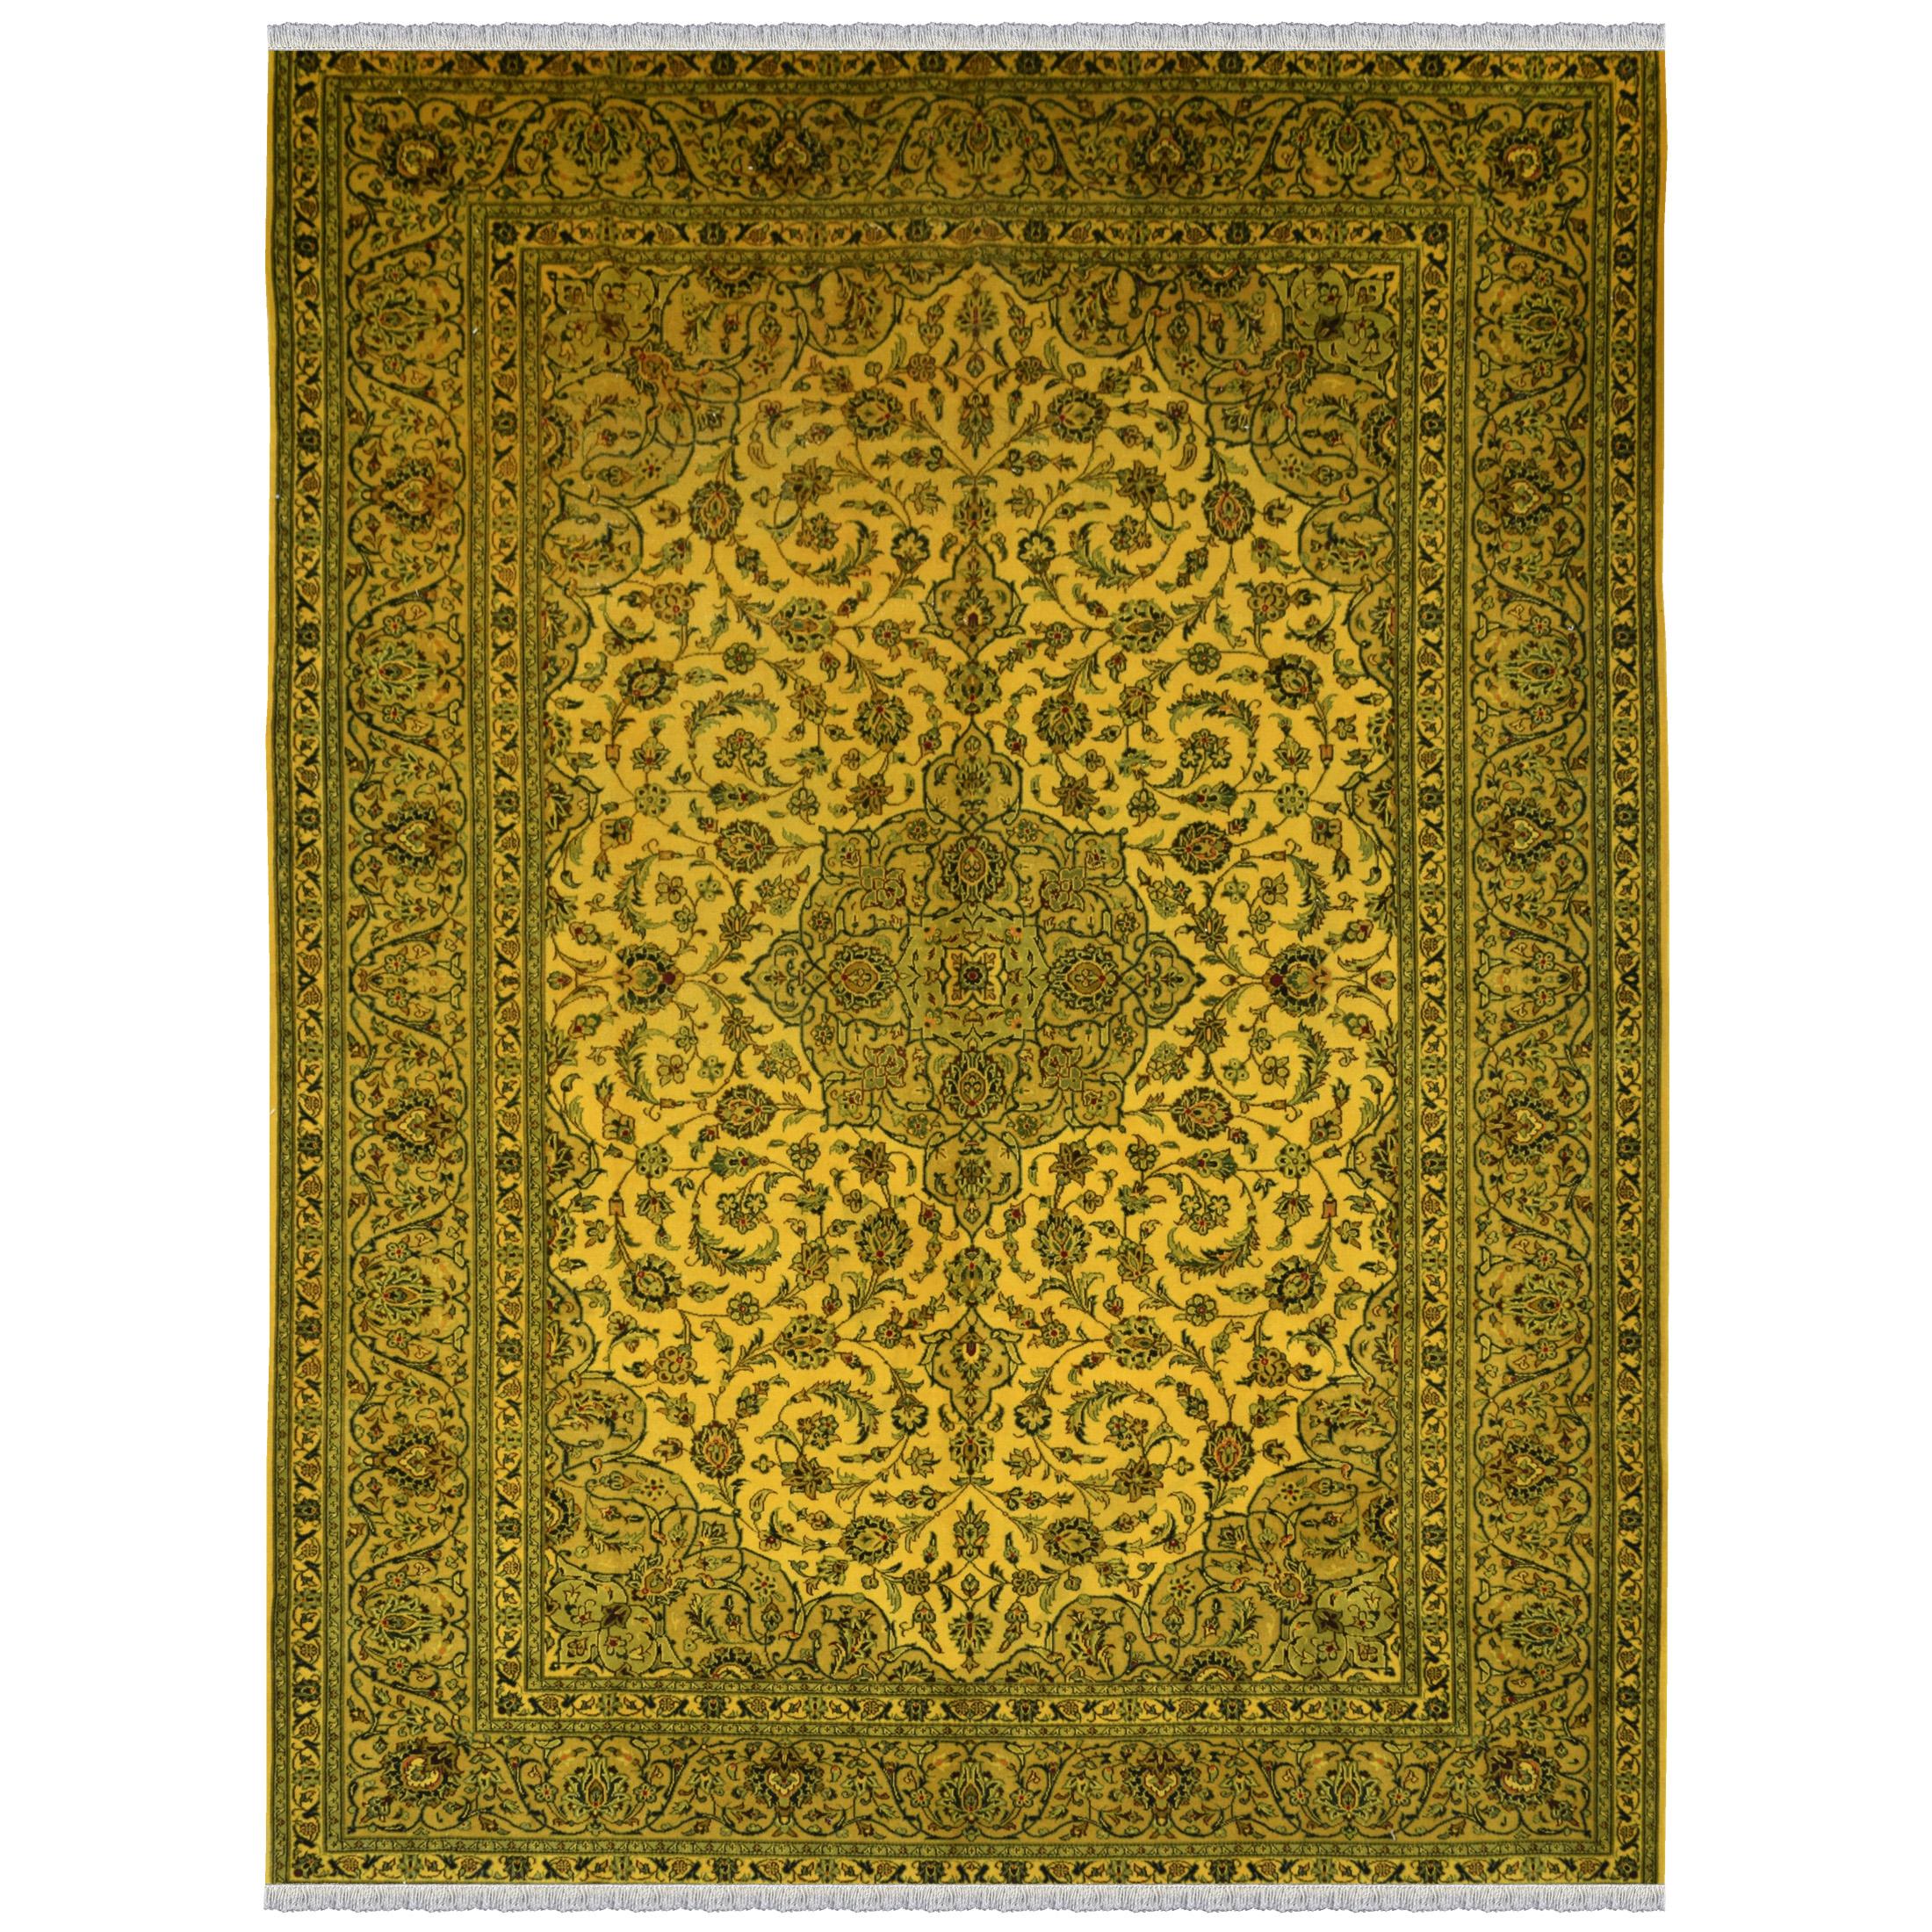 فرش دستبافت رنگ شده یازده متری طرح وینتج کد 981201